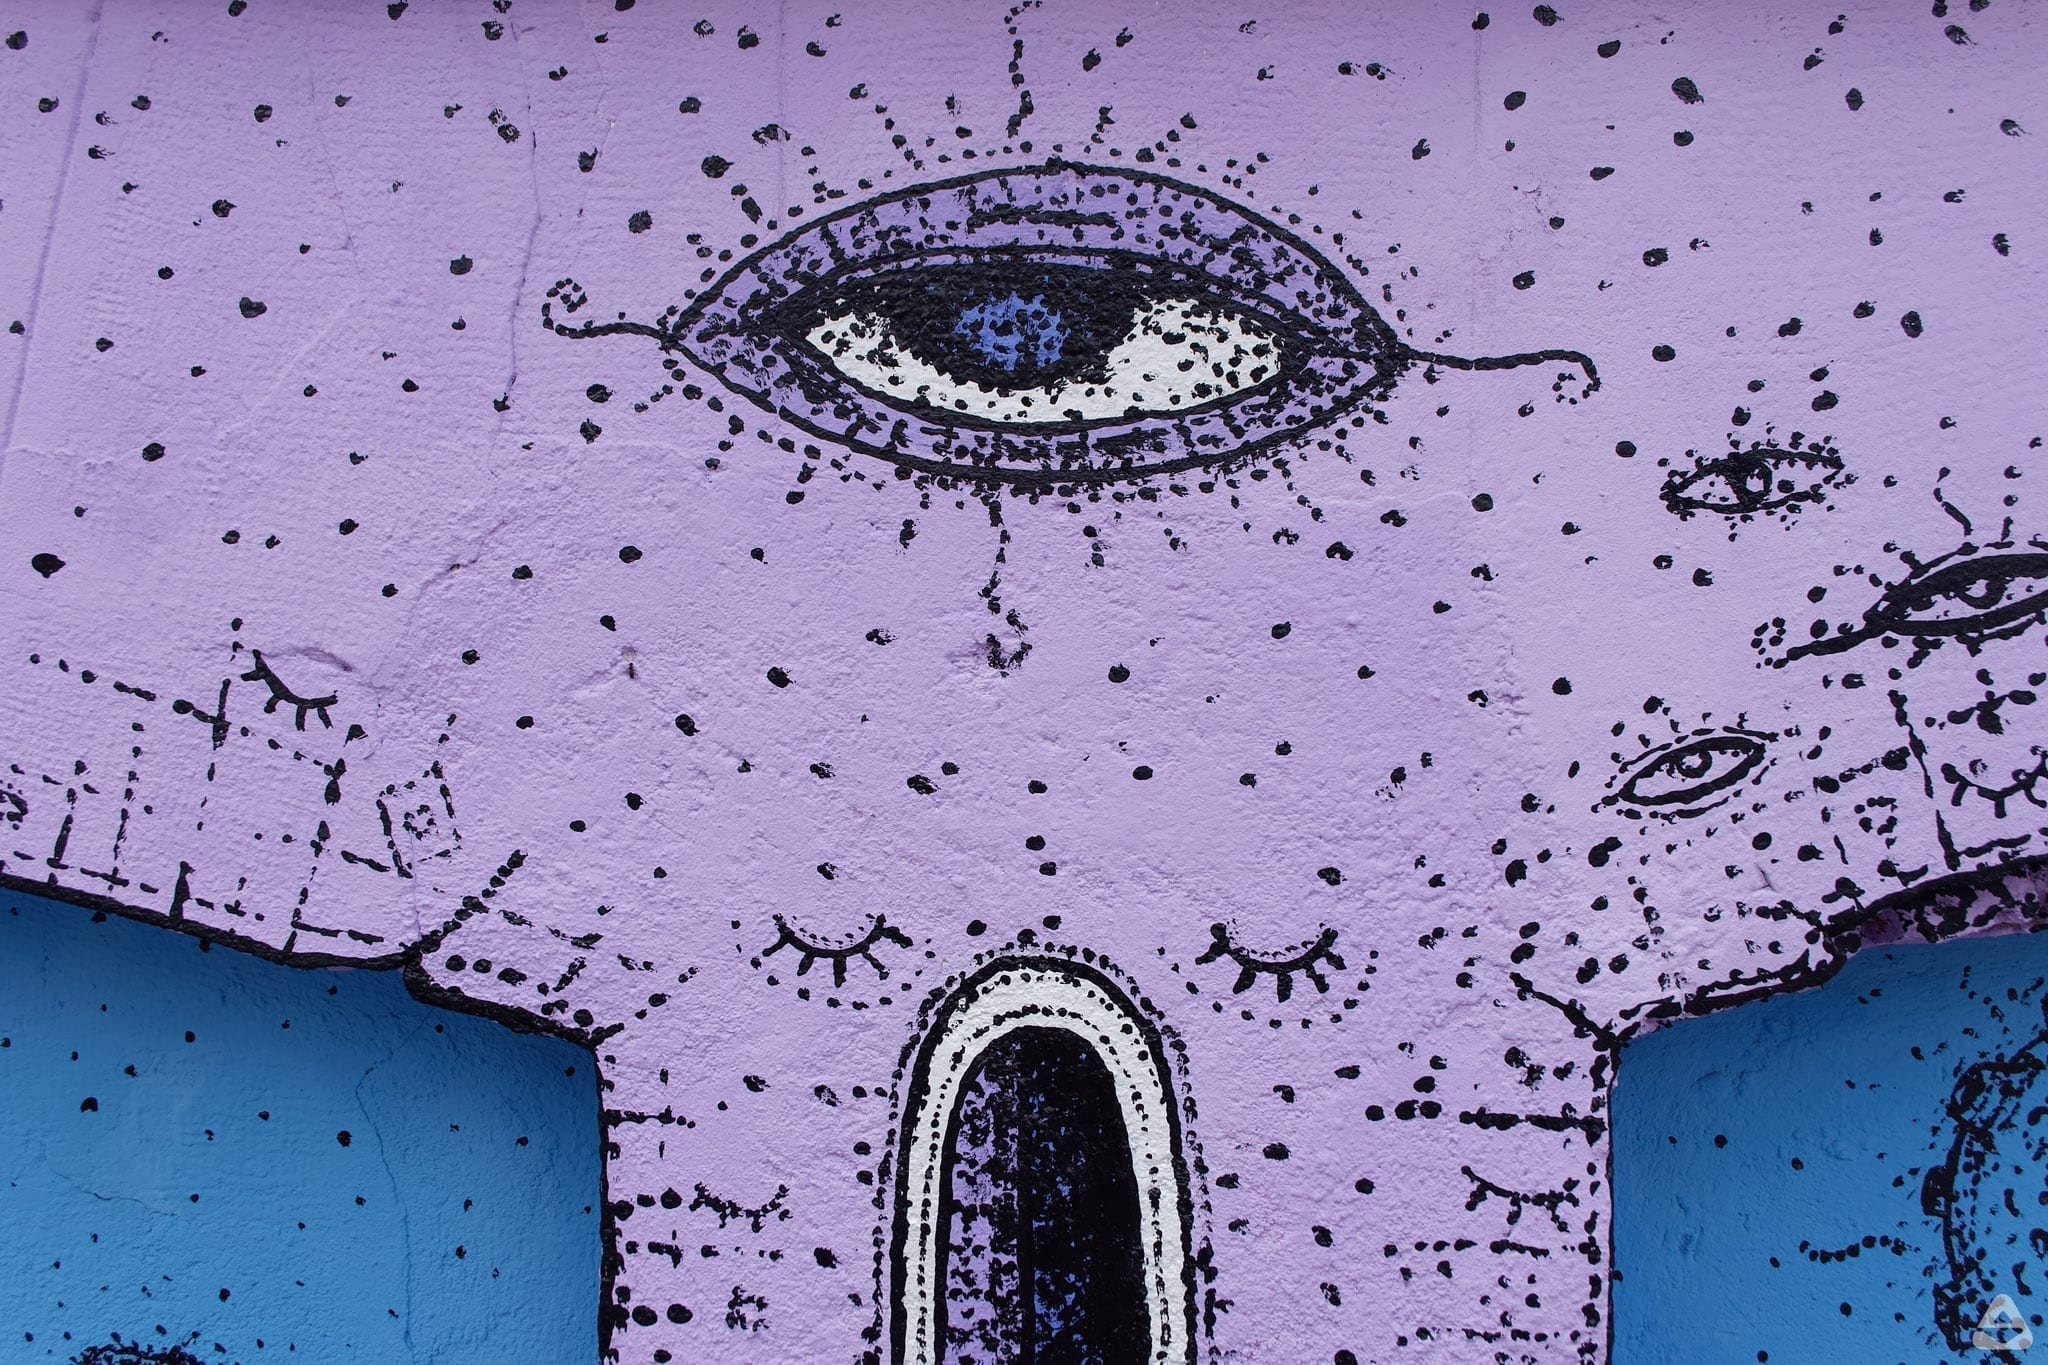 KSELEQOQYNQYSHY (Casele cu ochii închiși) - Facultatea de Sociologie, Schitu Măgureanu